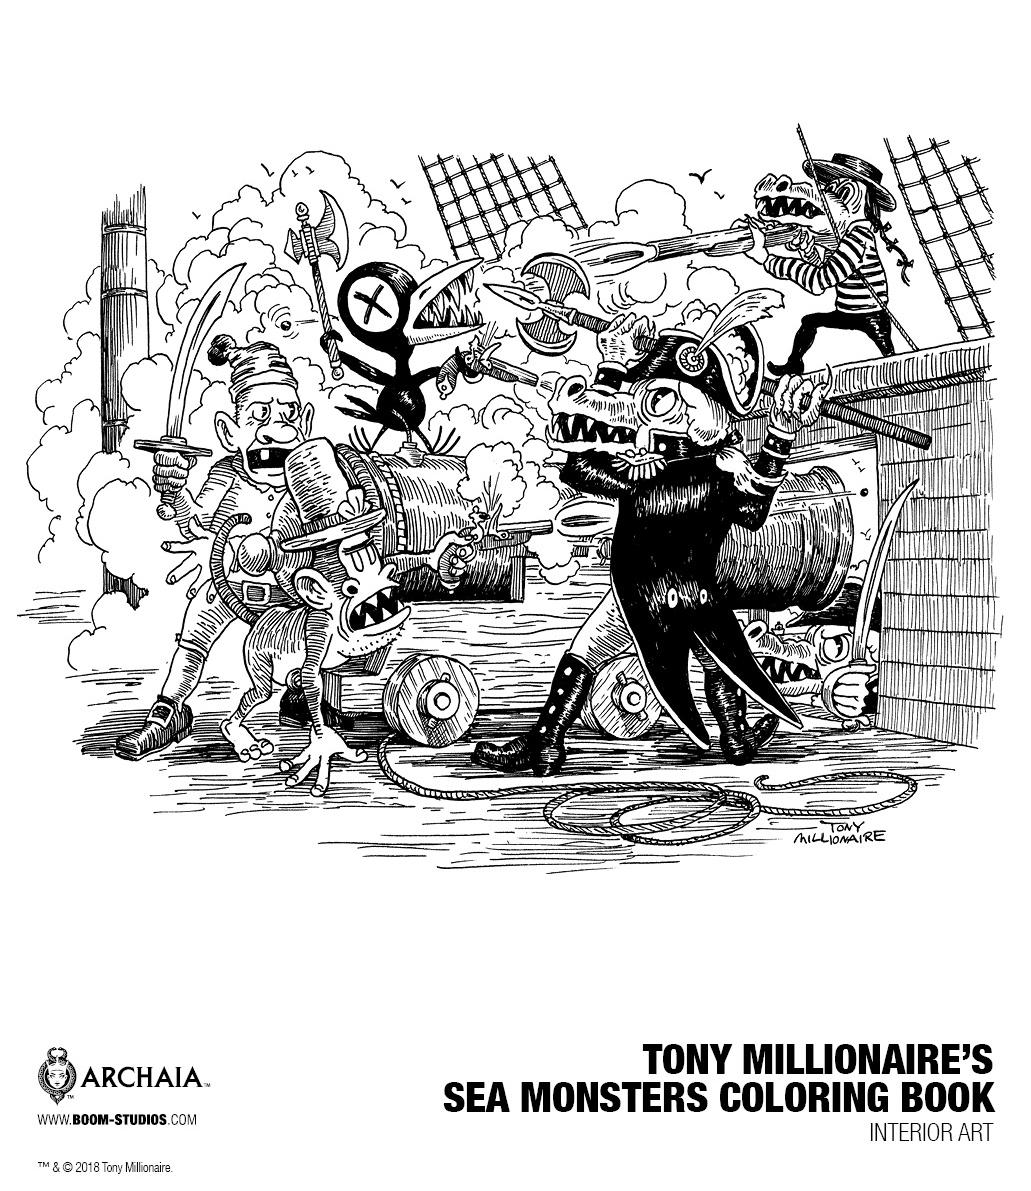 TonMillionaireColoringBook_SC_Interior_003_PROMO